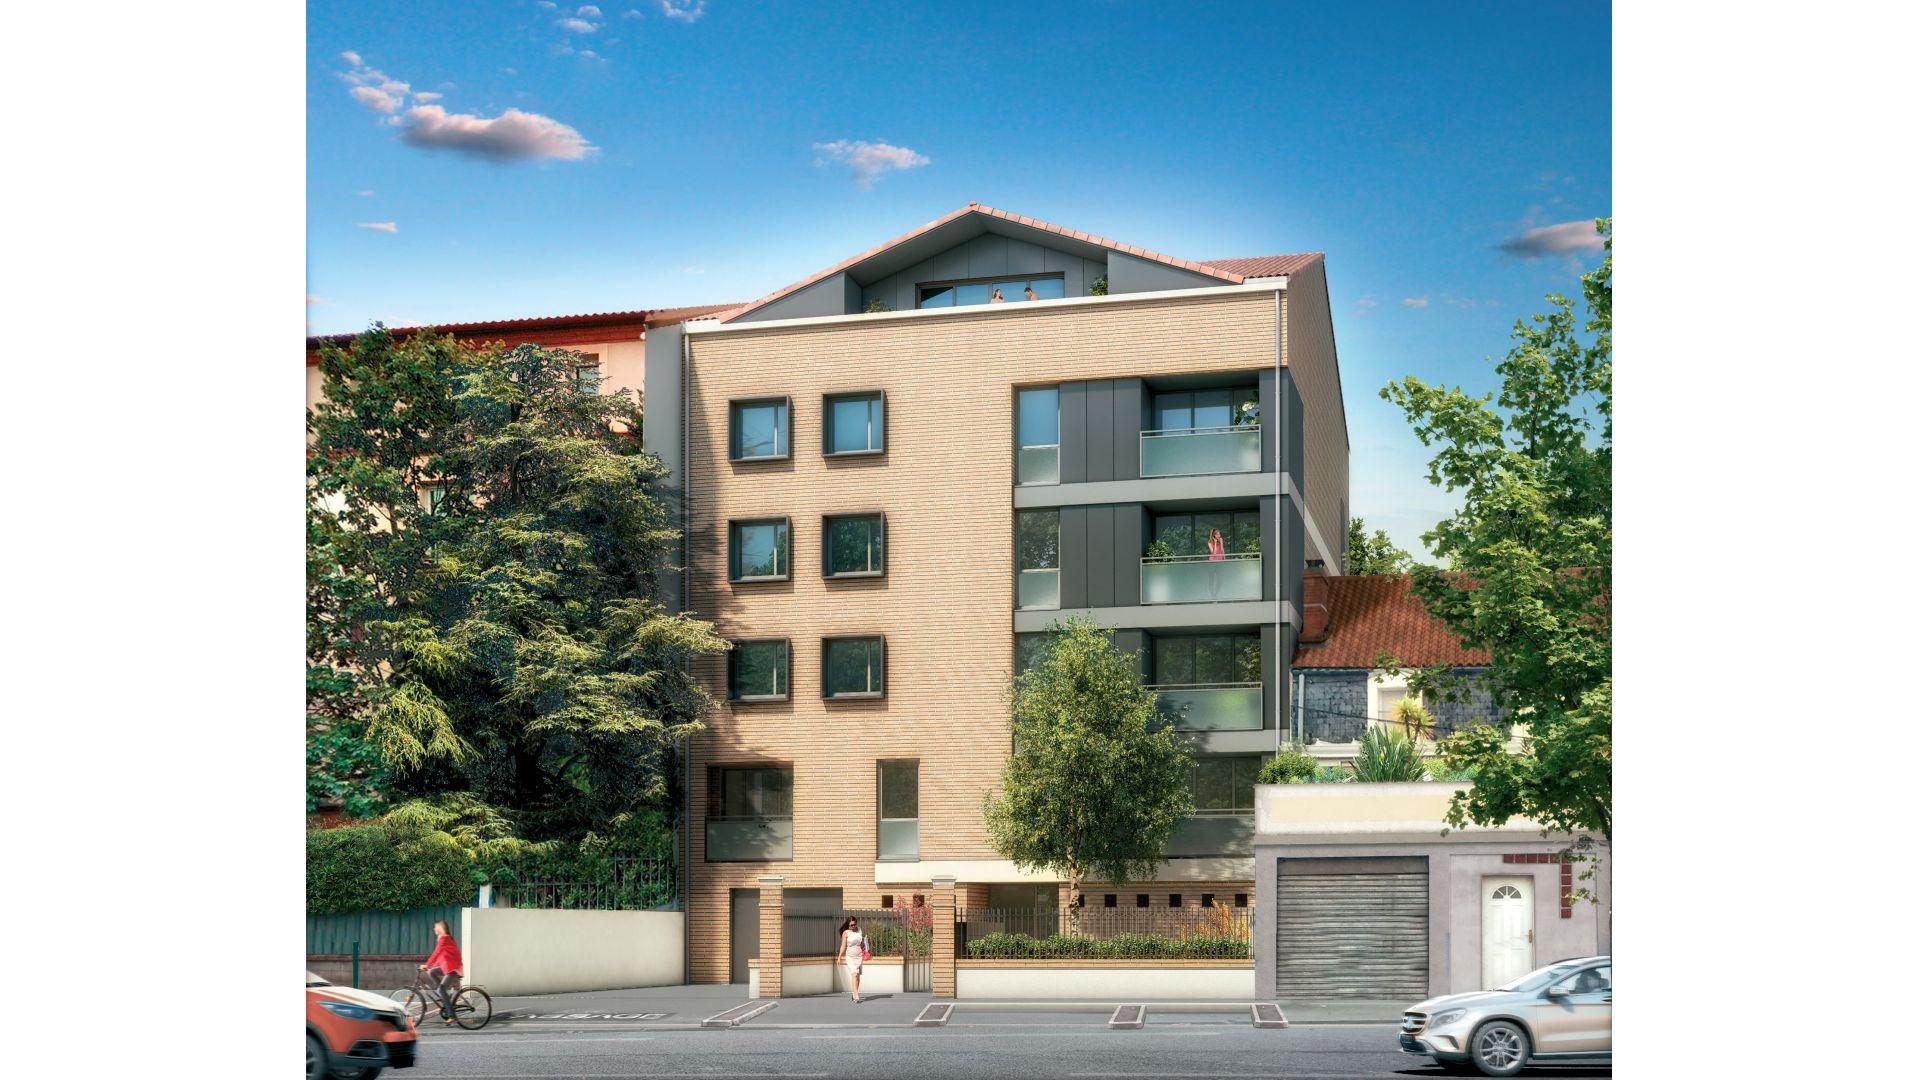 Greencity Immobilier - Résidence Les Beaux Arts - Toulouse Jules Julien - 31400 - vue rue